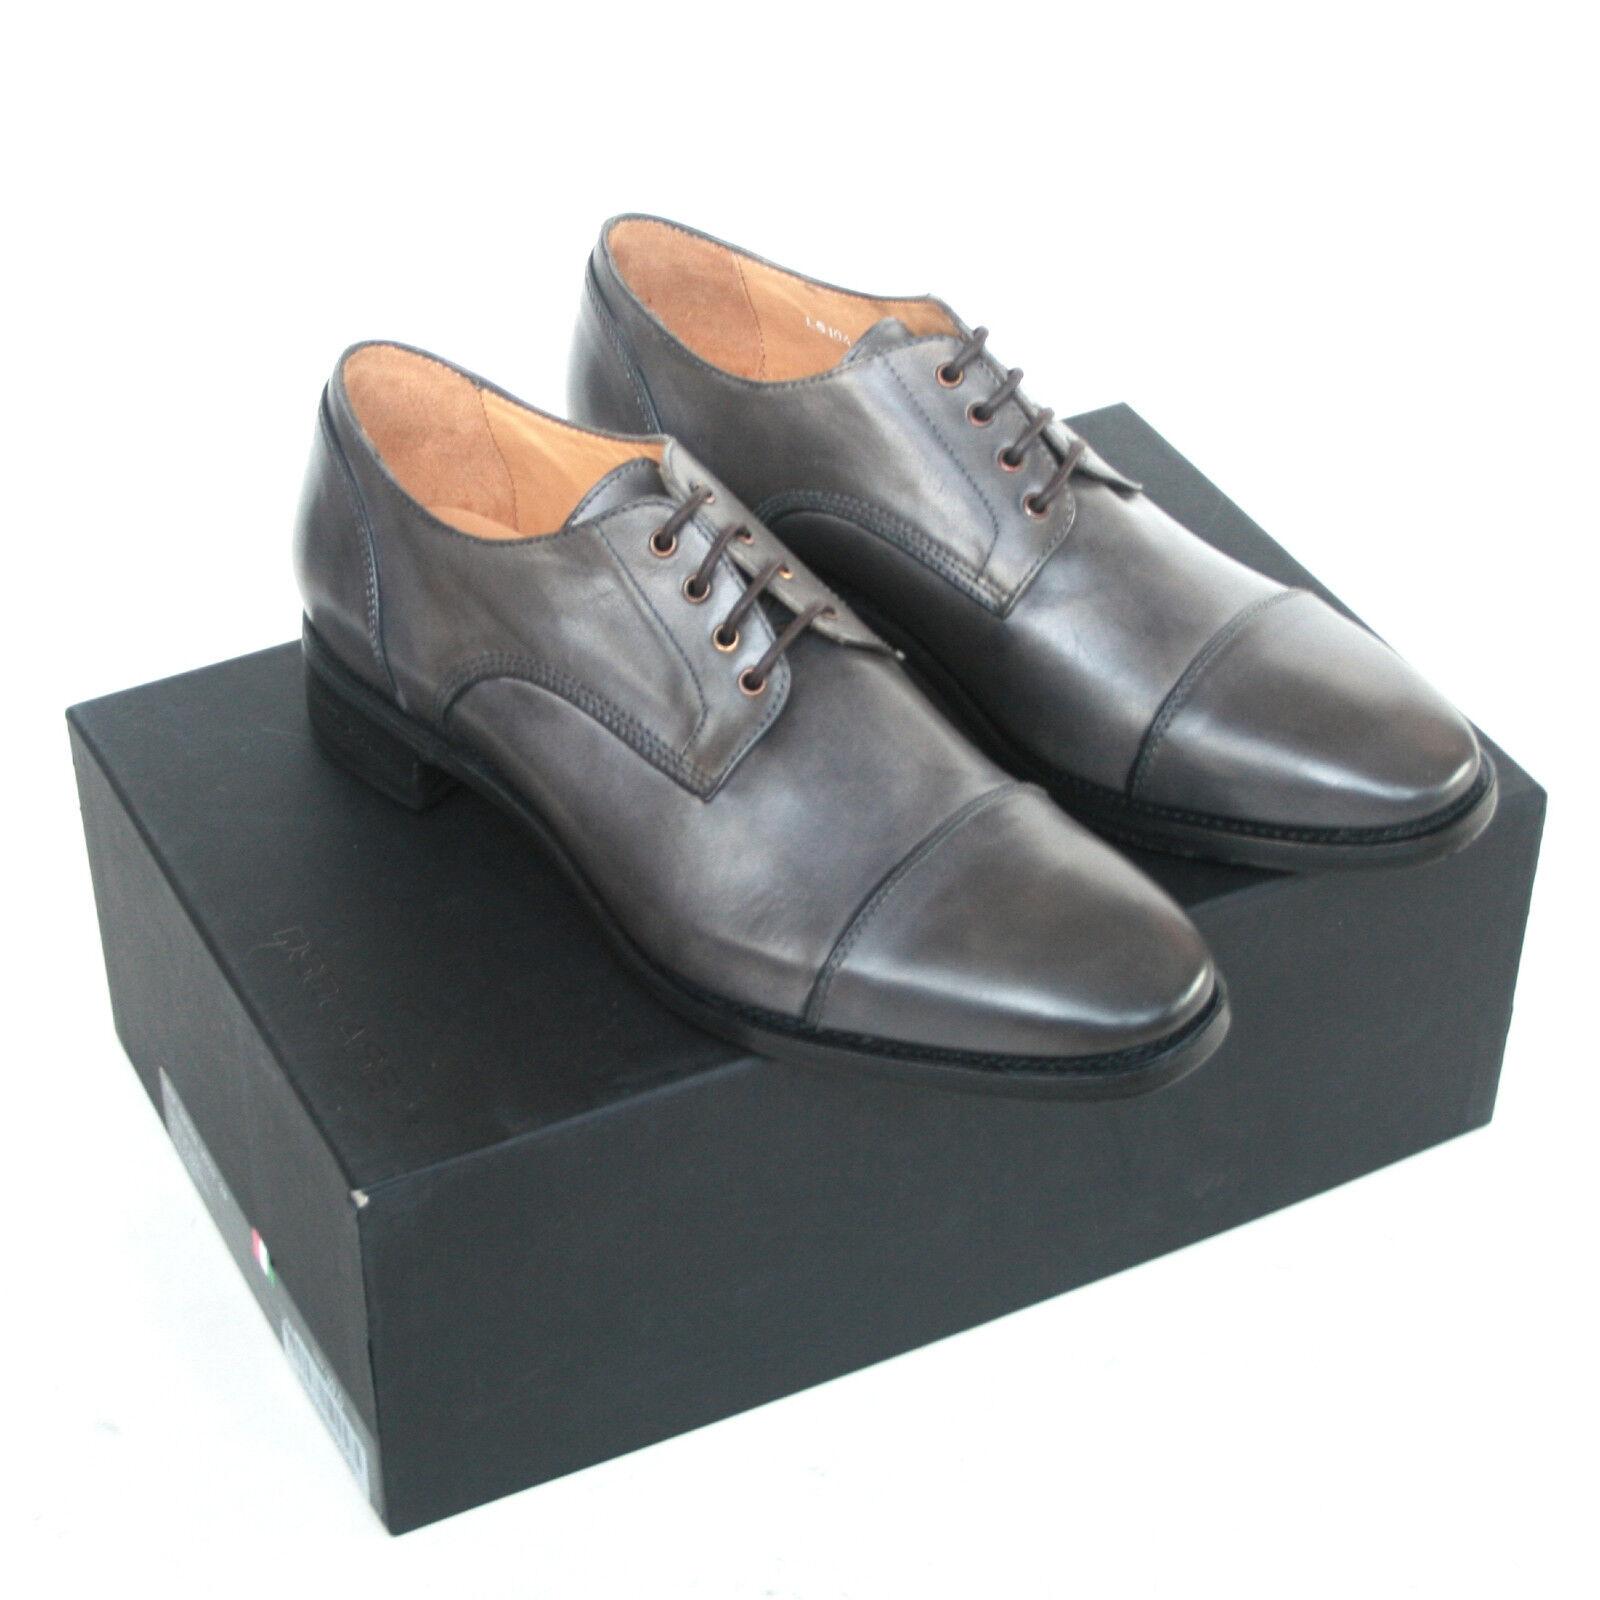 DSQUArouge 2  695 gris en cuir à lacets OXFORD DSQUArouge Chaussures 6.5 39.5 NEUF